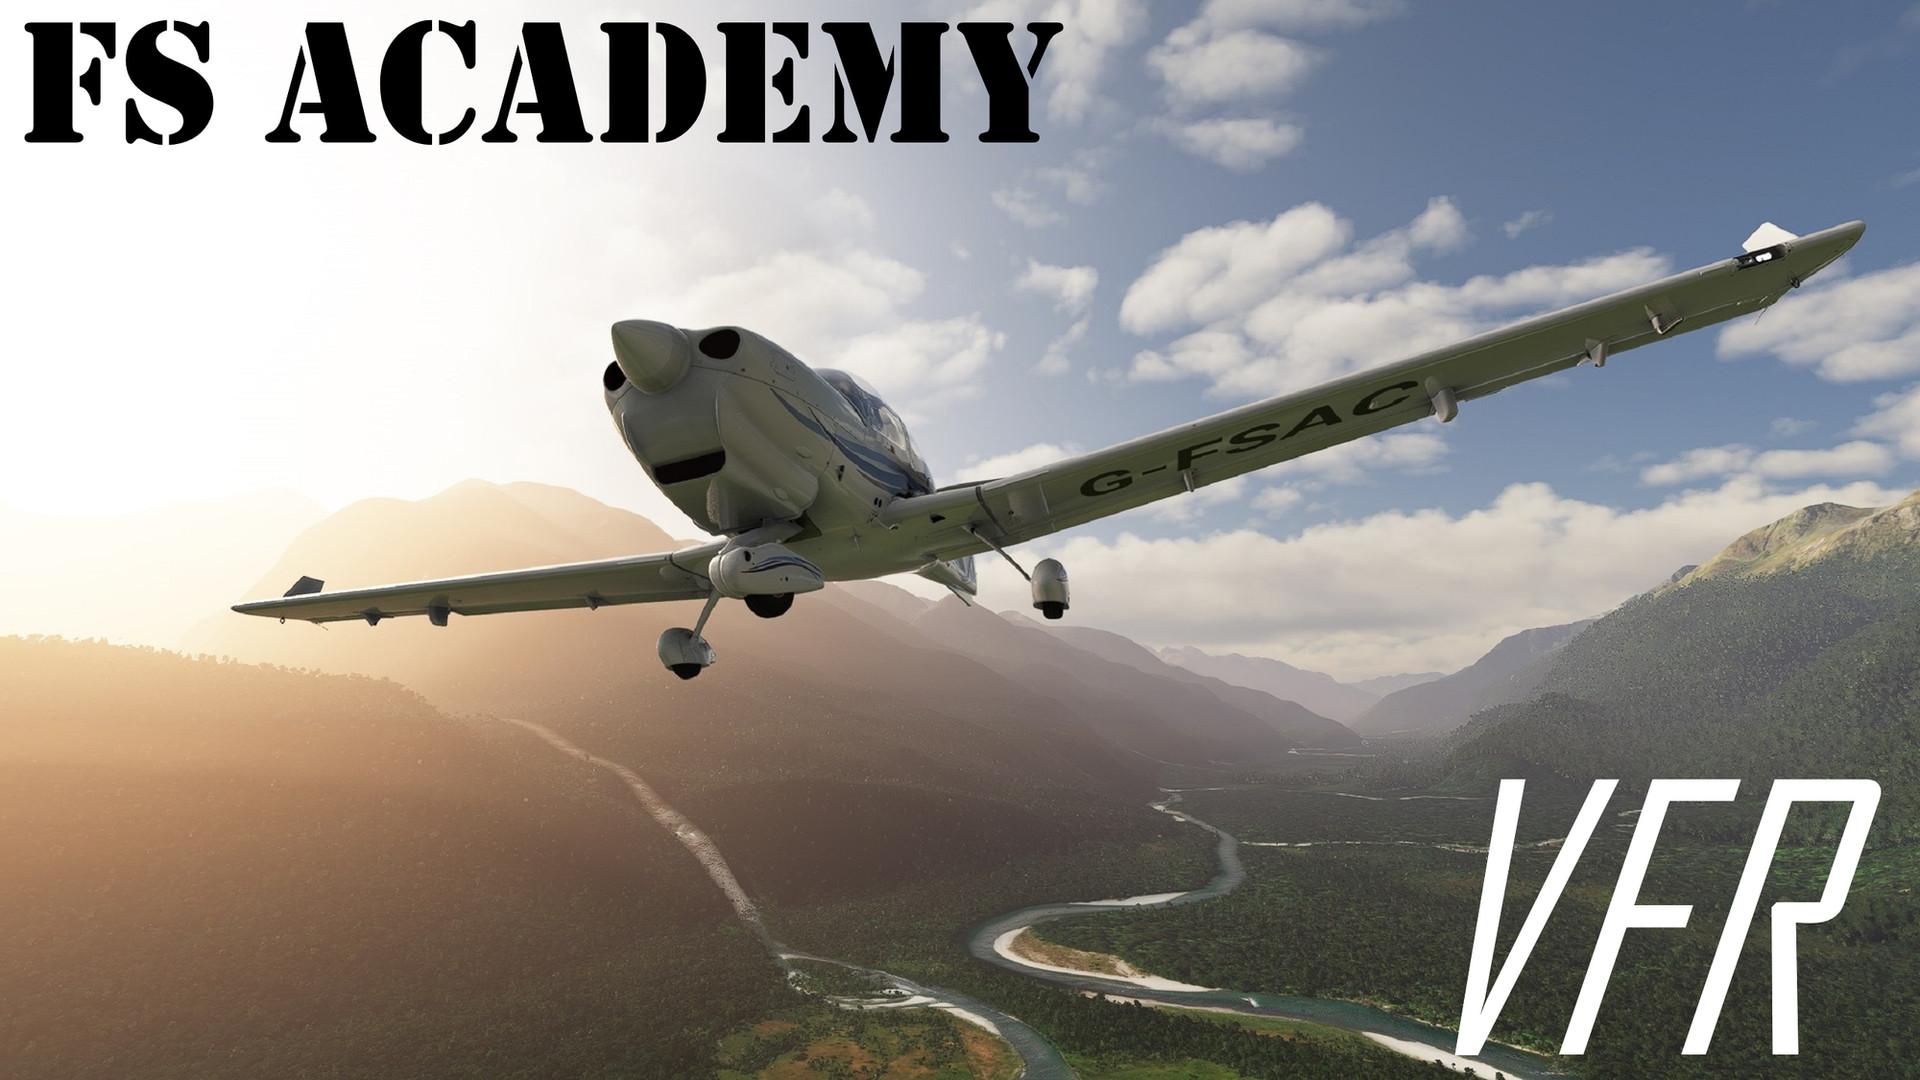 FS Academy - VFR